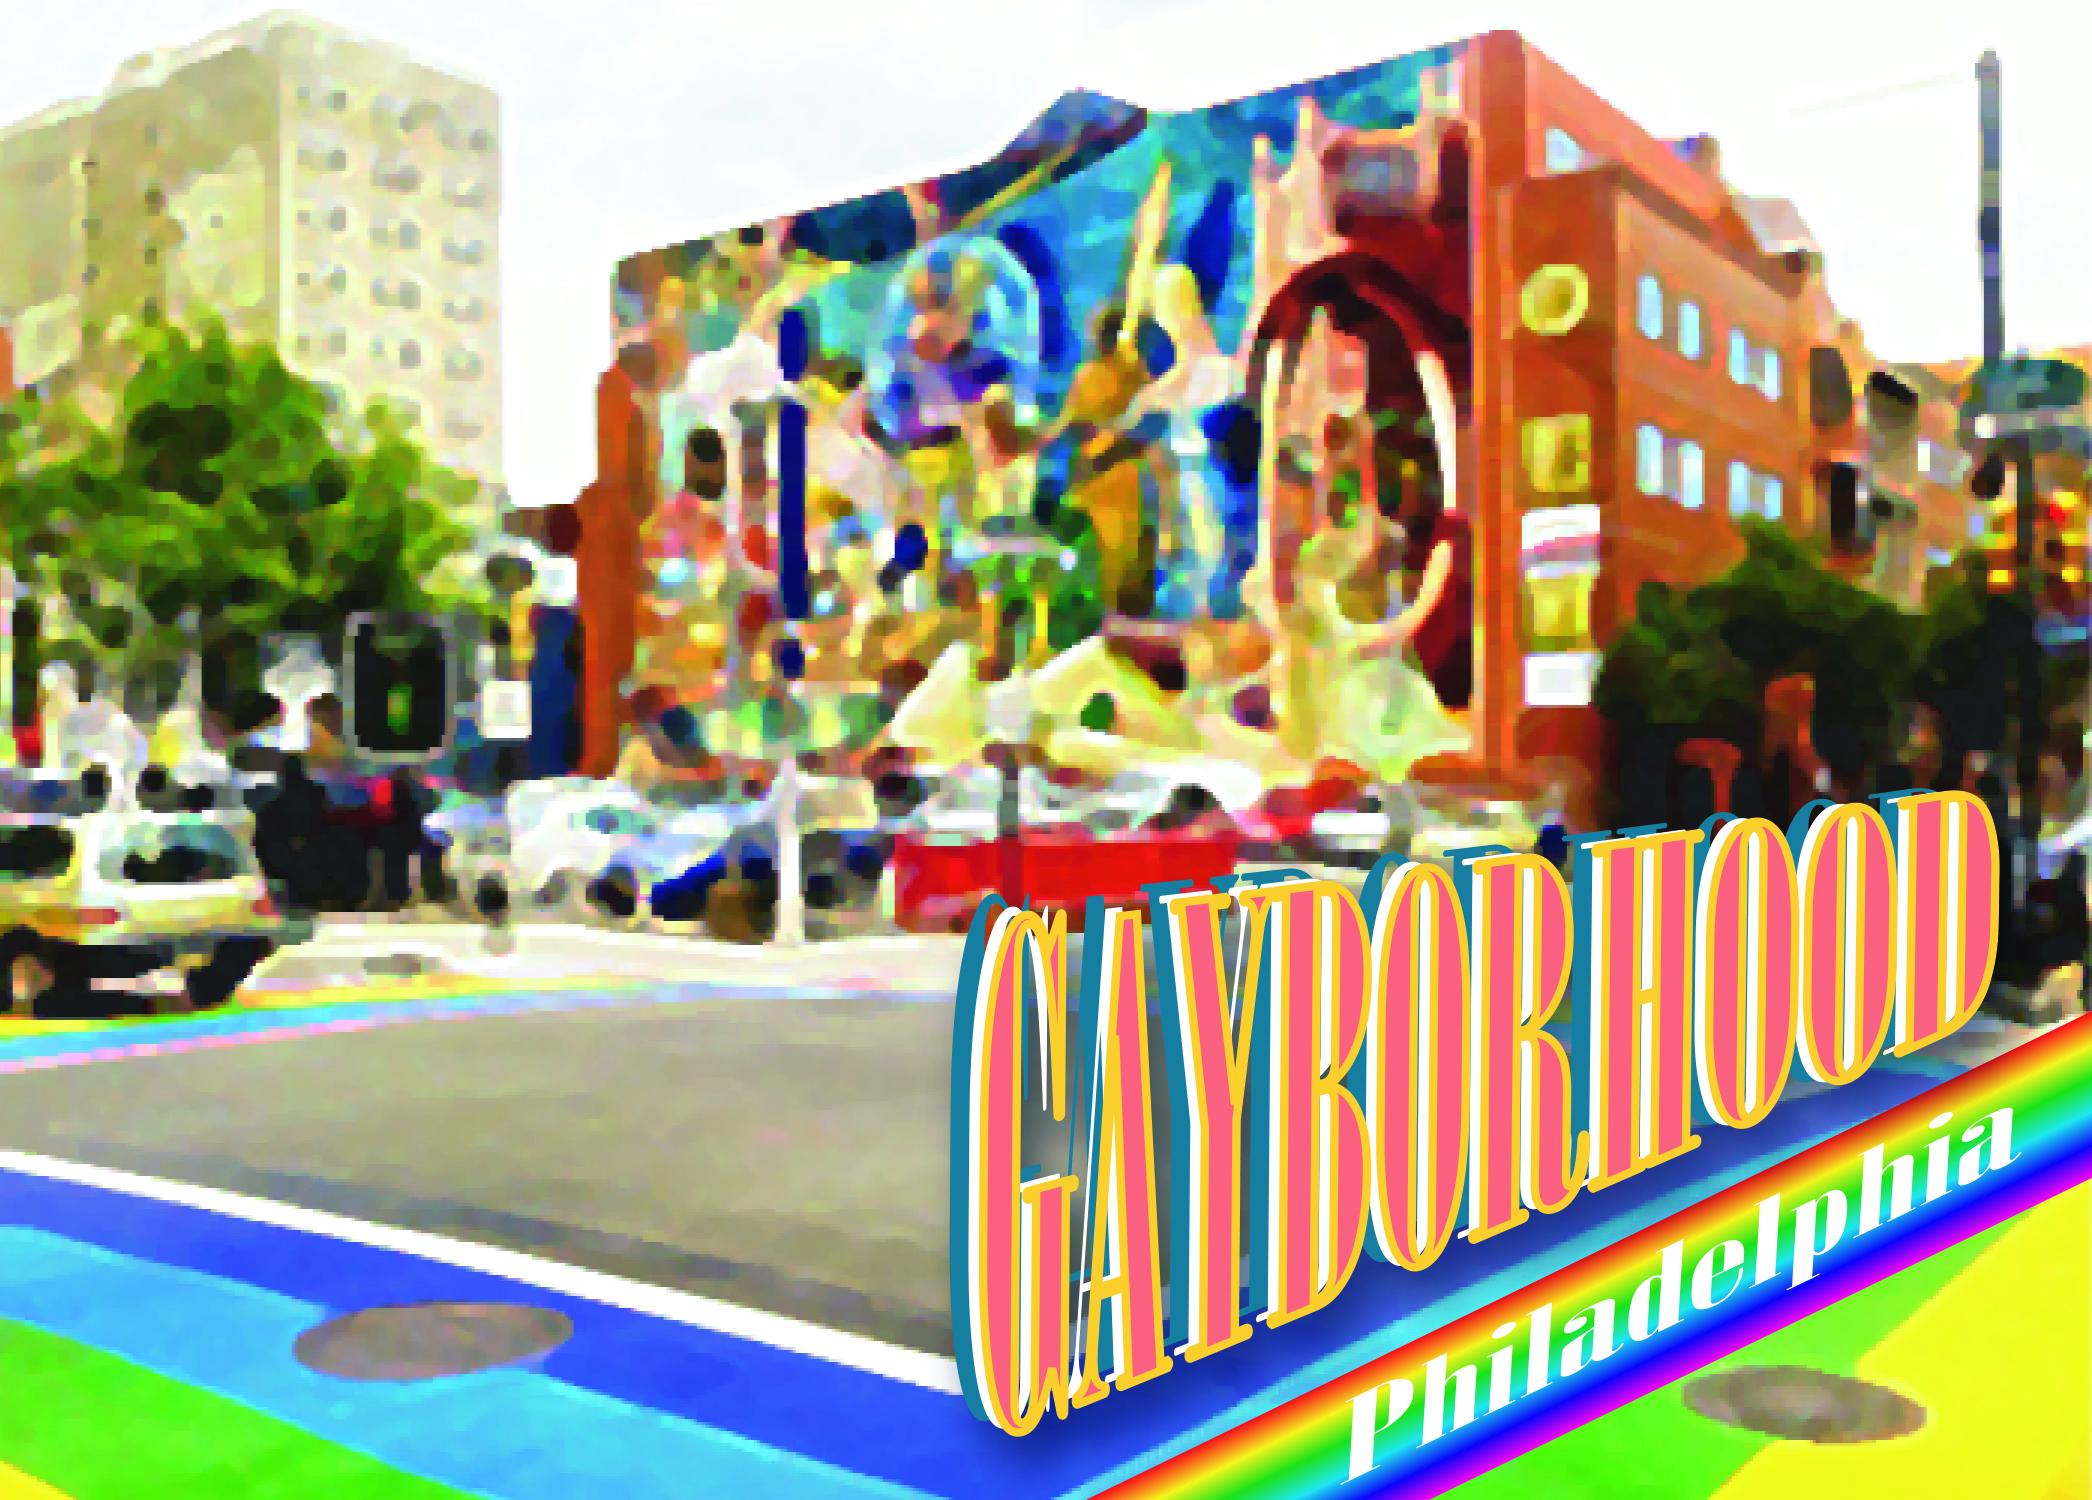 gaycards-06